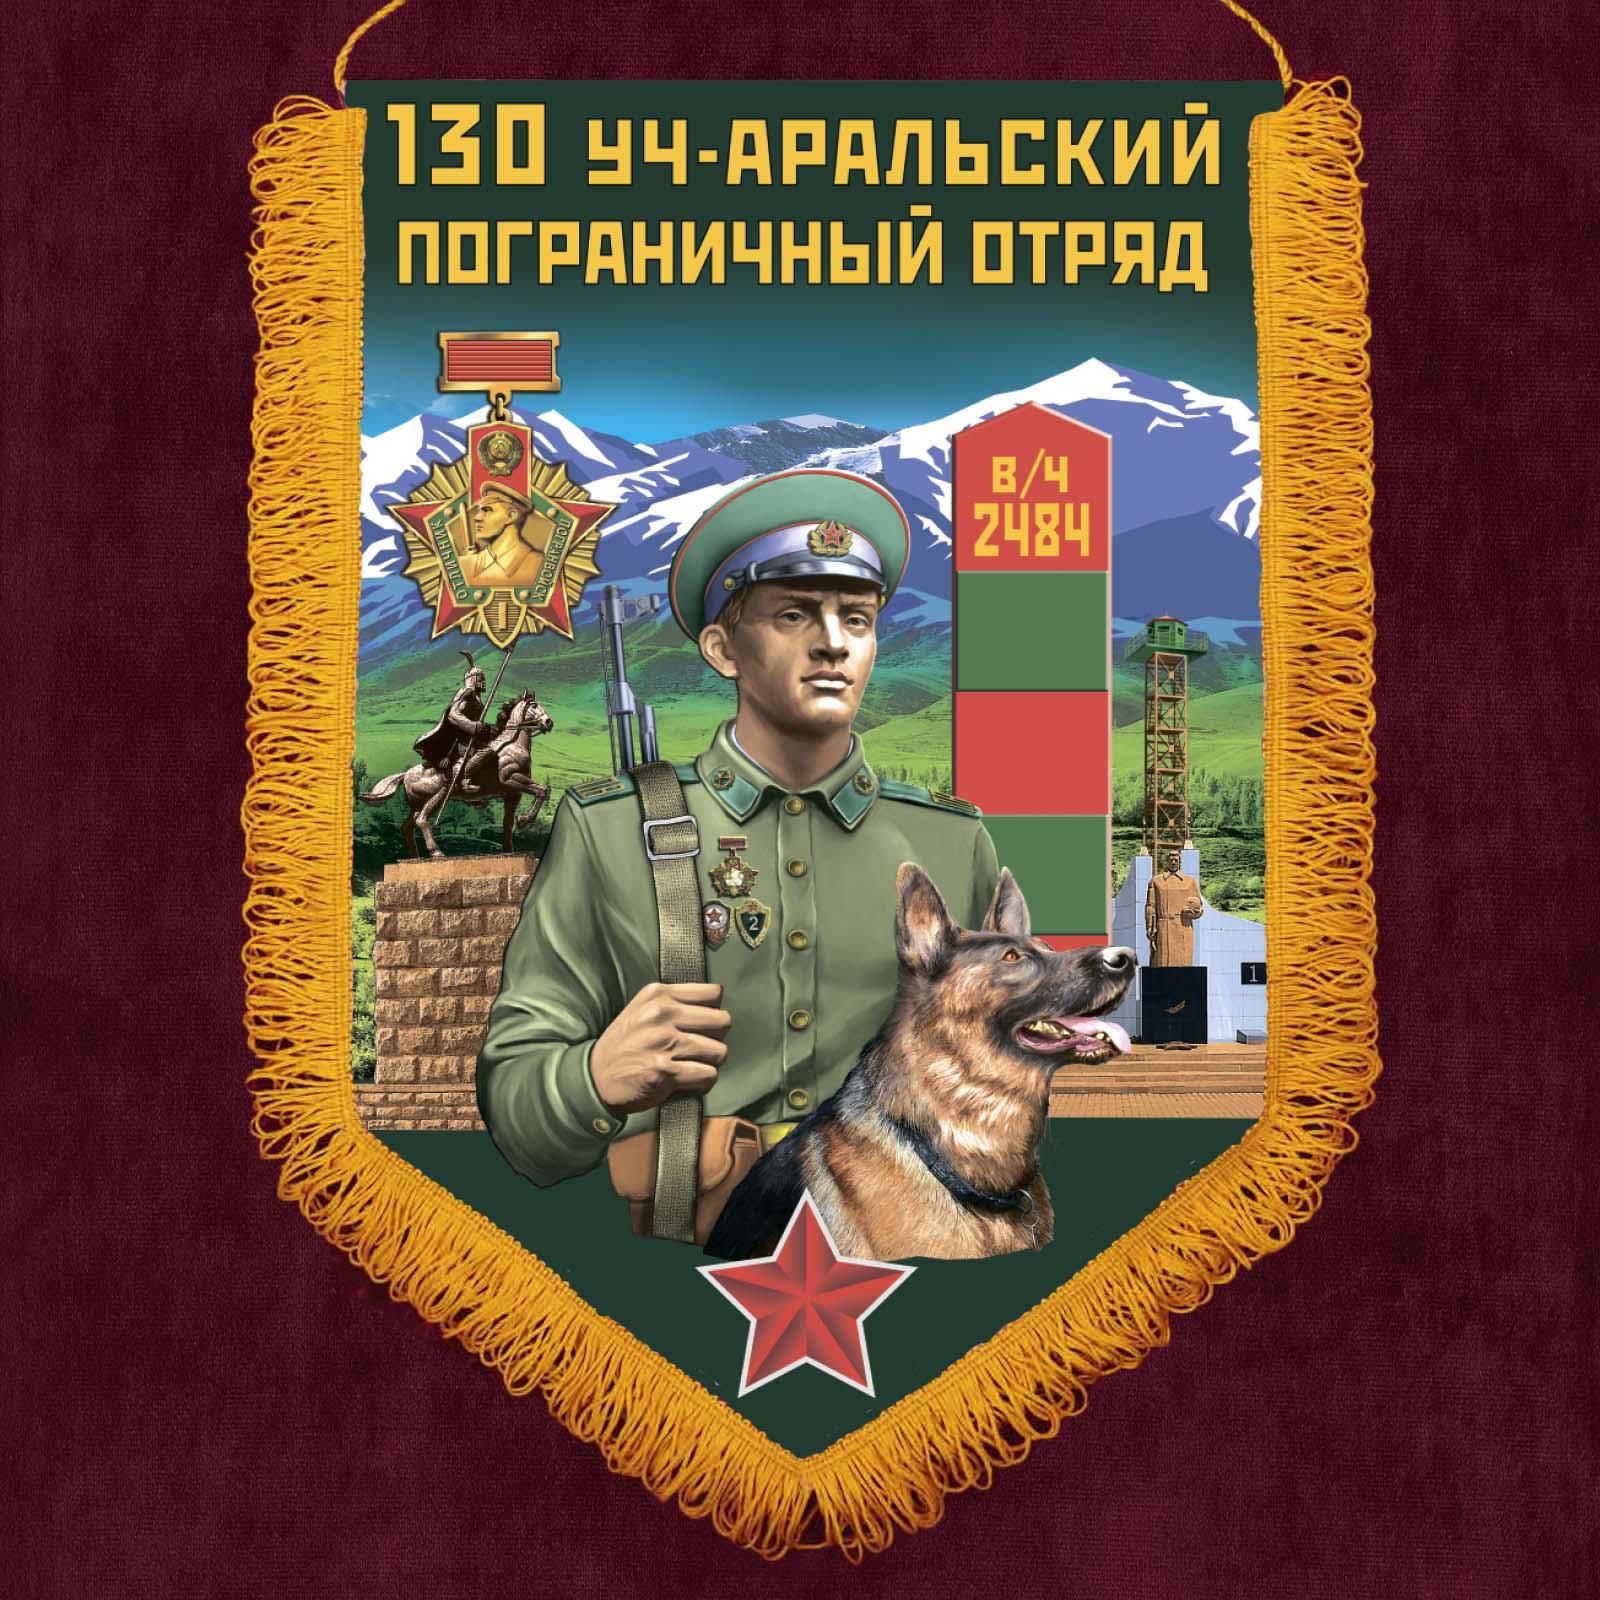 """Памятный вымпел """"130 Уч-Аральский пограничный отряд"""""""